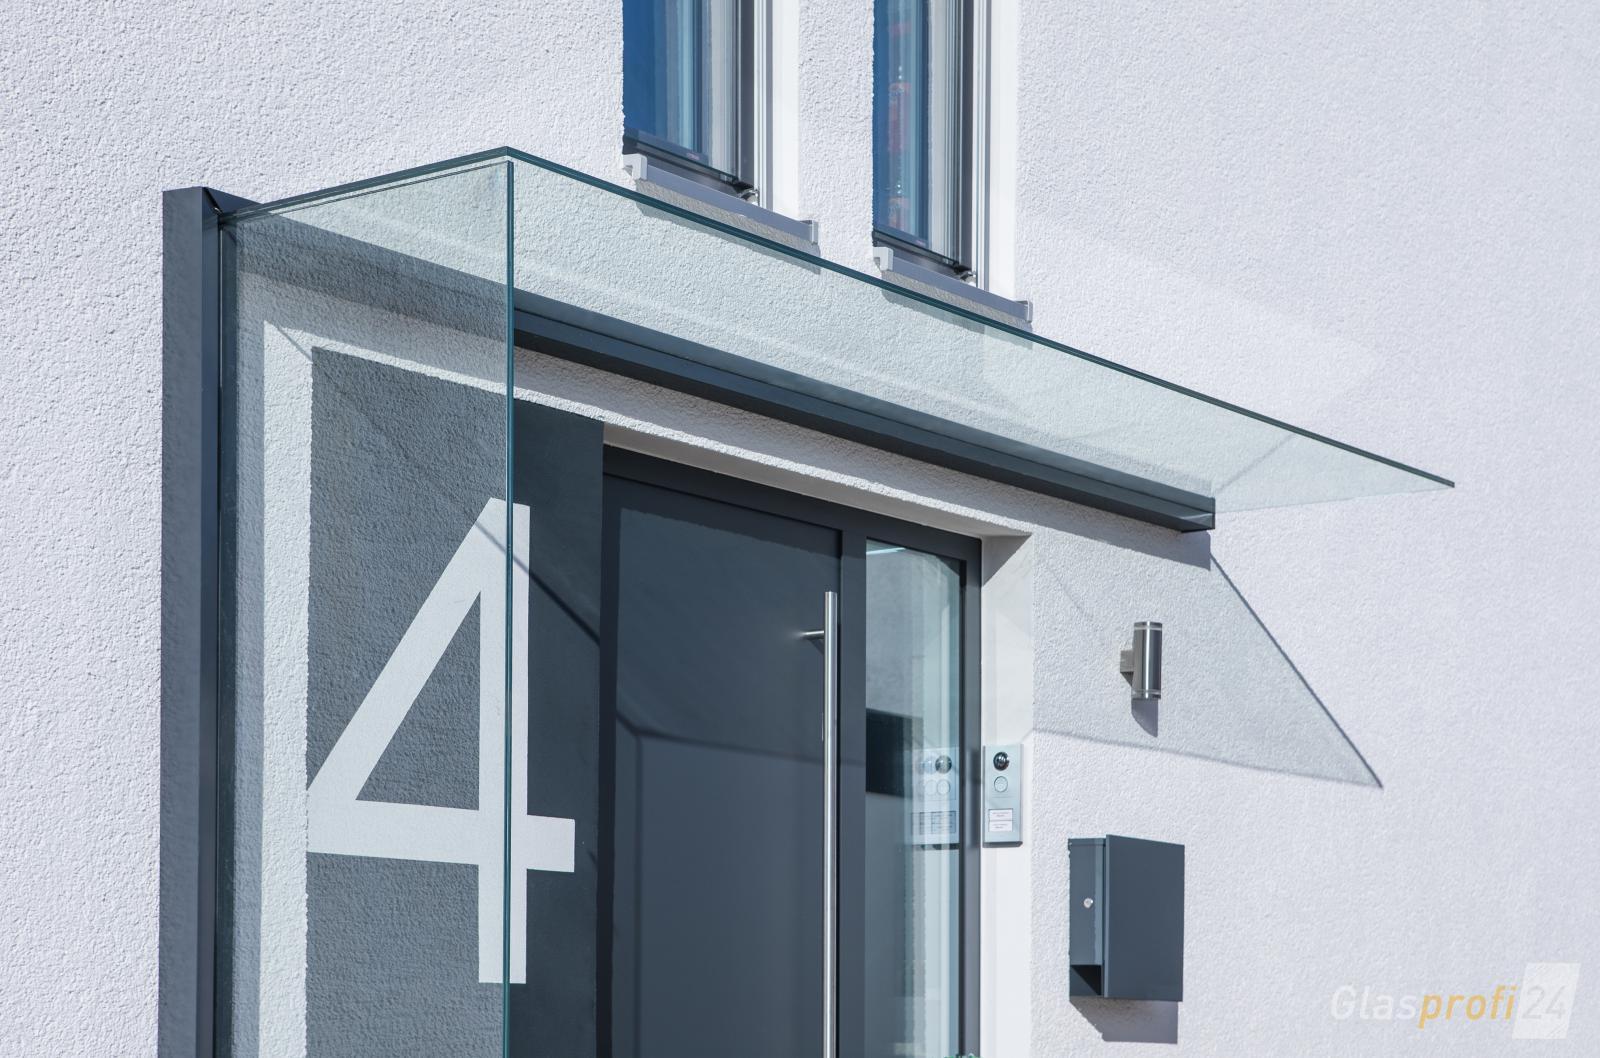 Vordach mit Windschutz aus Glas | GLASPROFI24